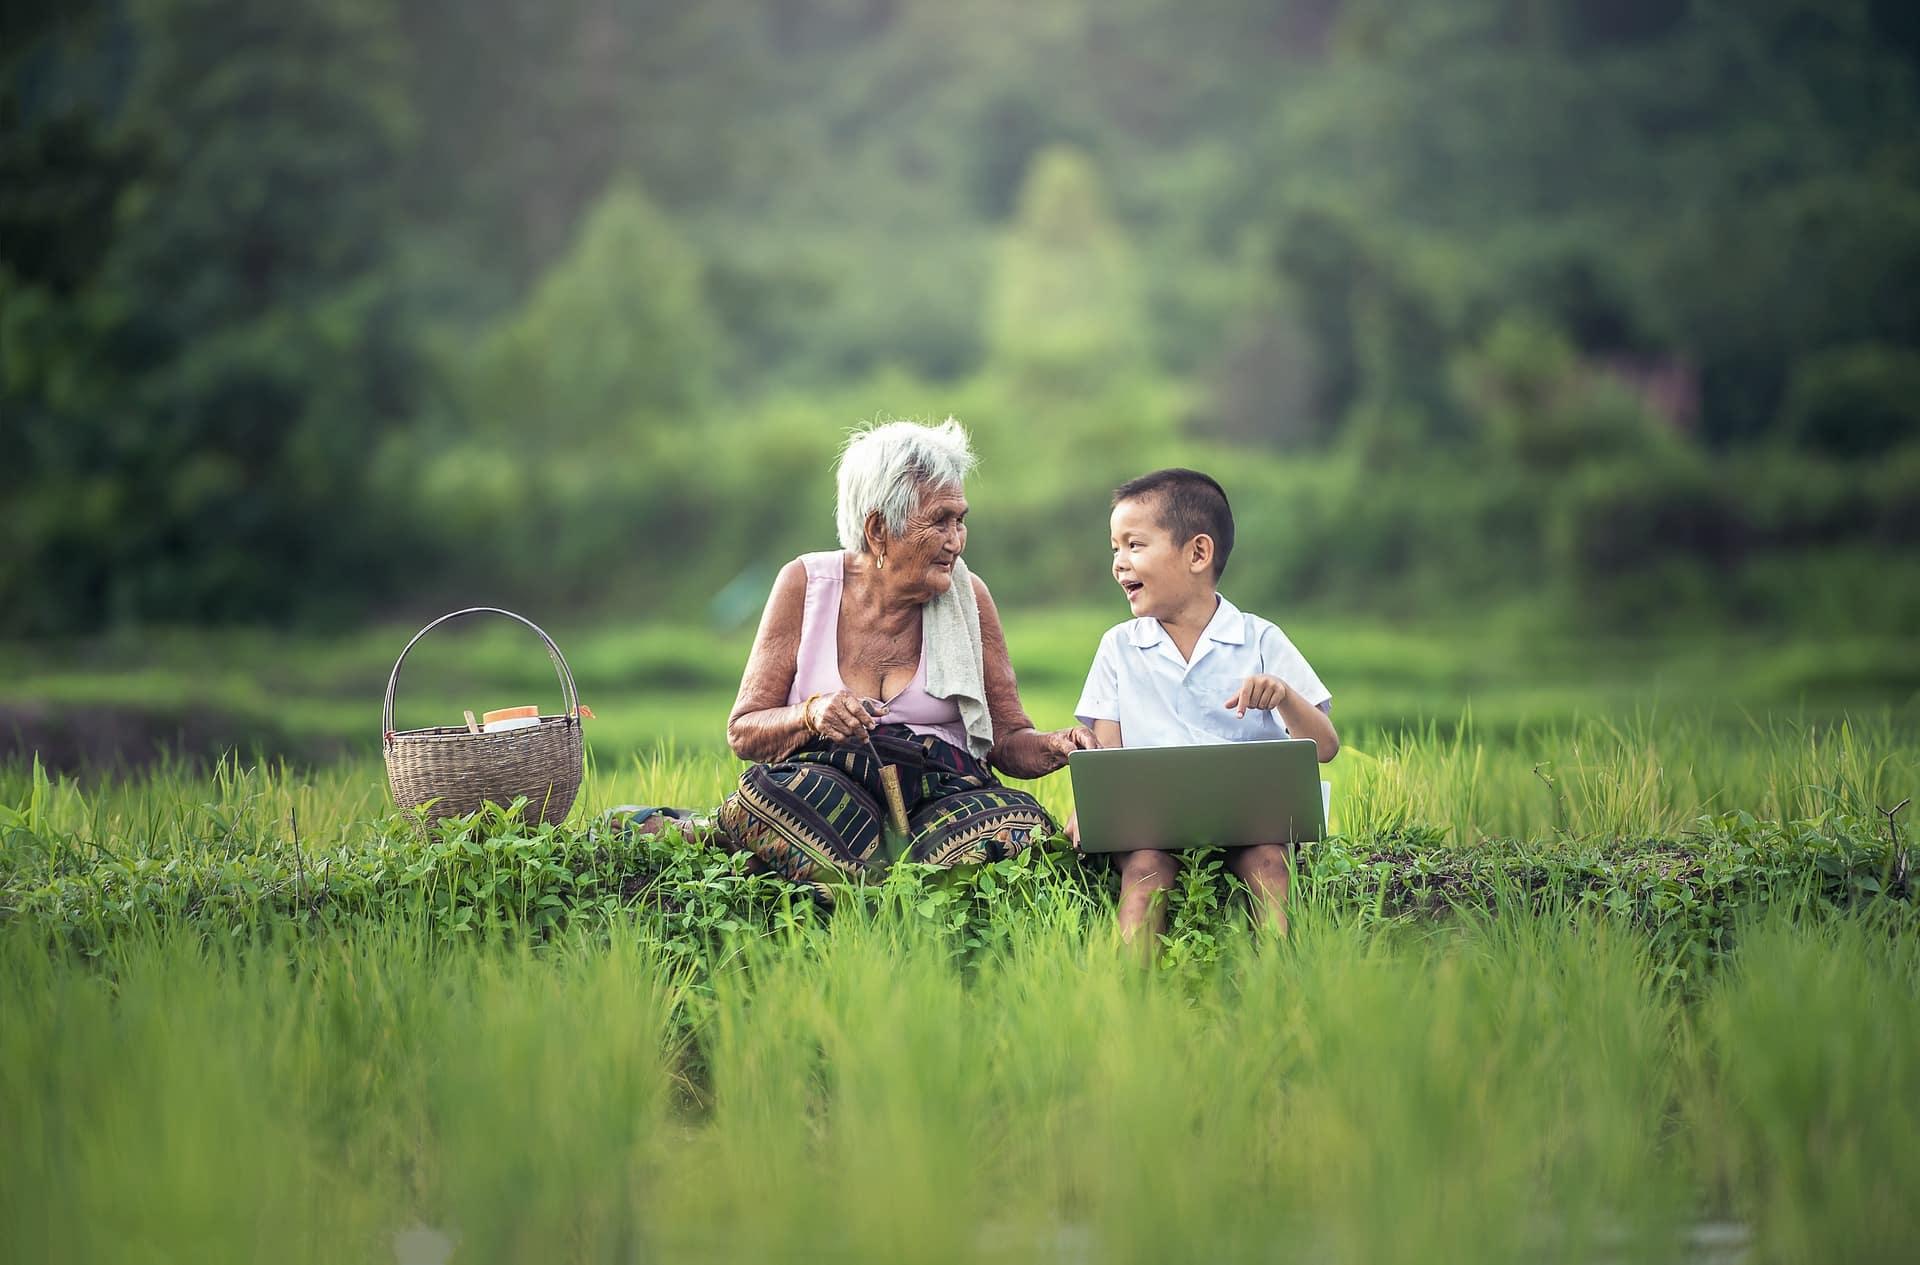 Mieux connaître ses proches - Grand-mère et petit fils